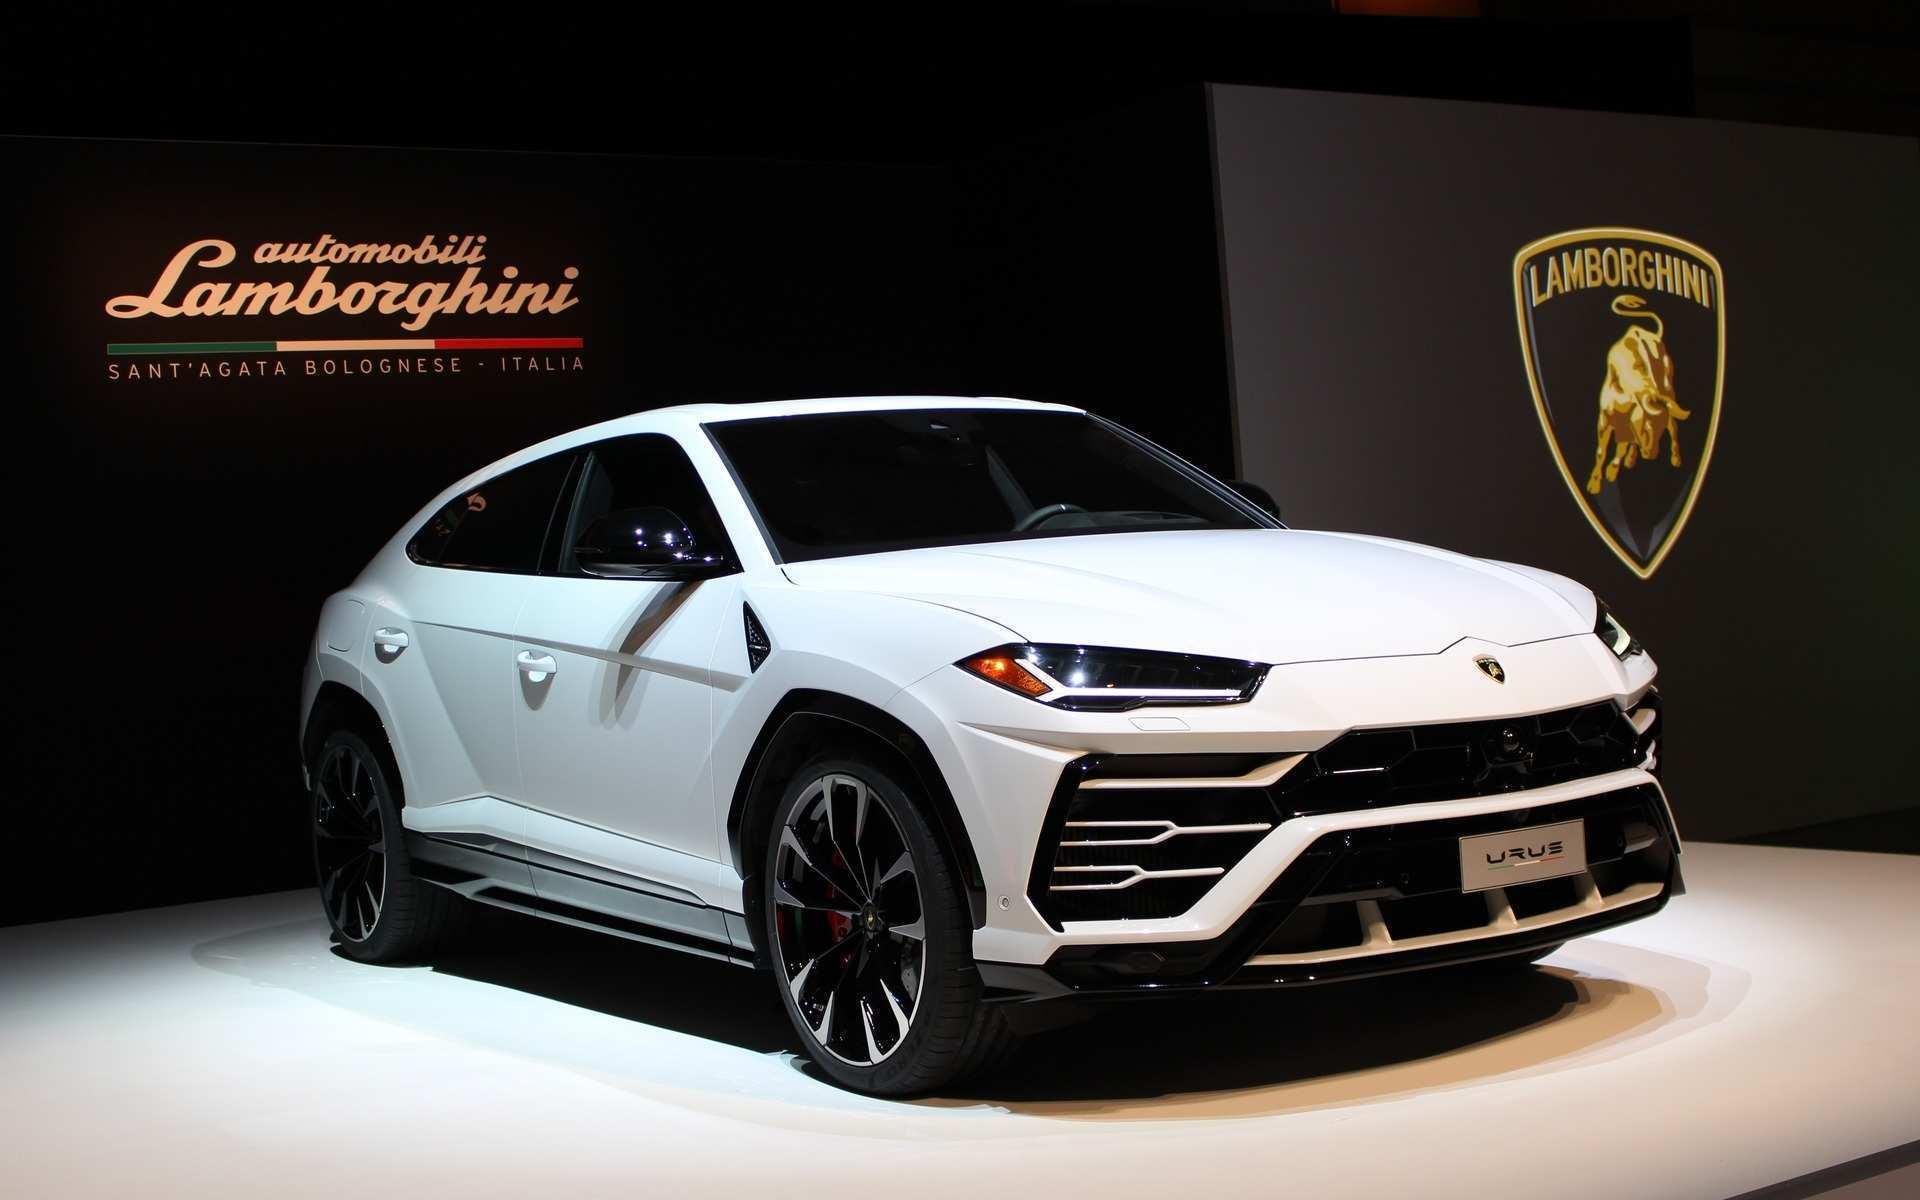 99 The 2019 Lamborghini Suv Price Specs for 2019 Lamborghini Suv Price